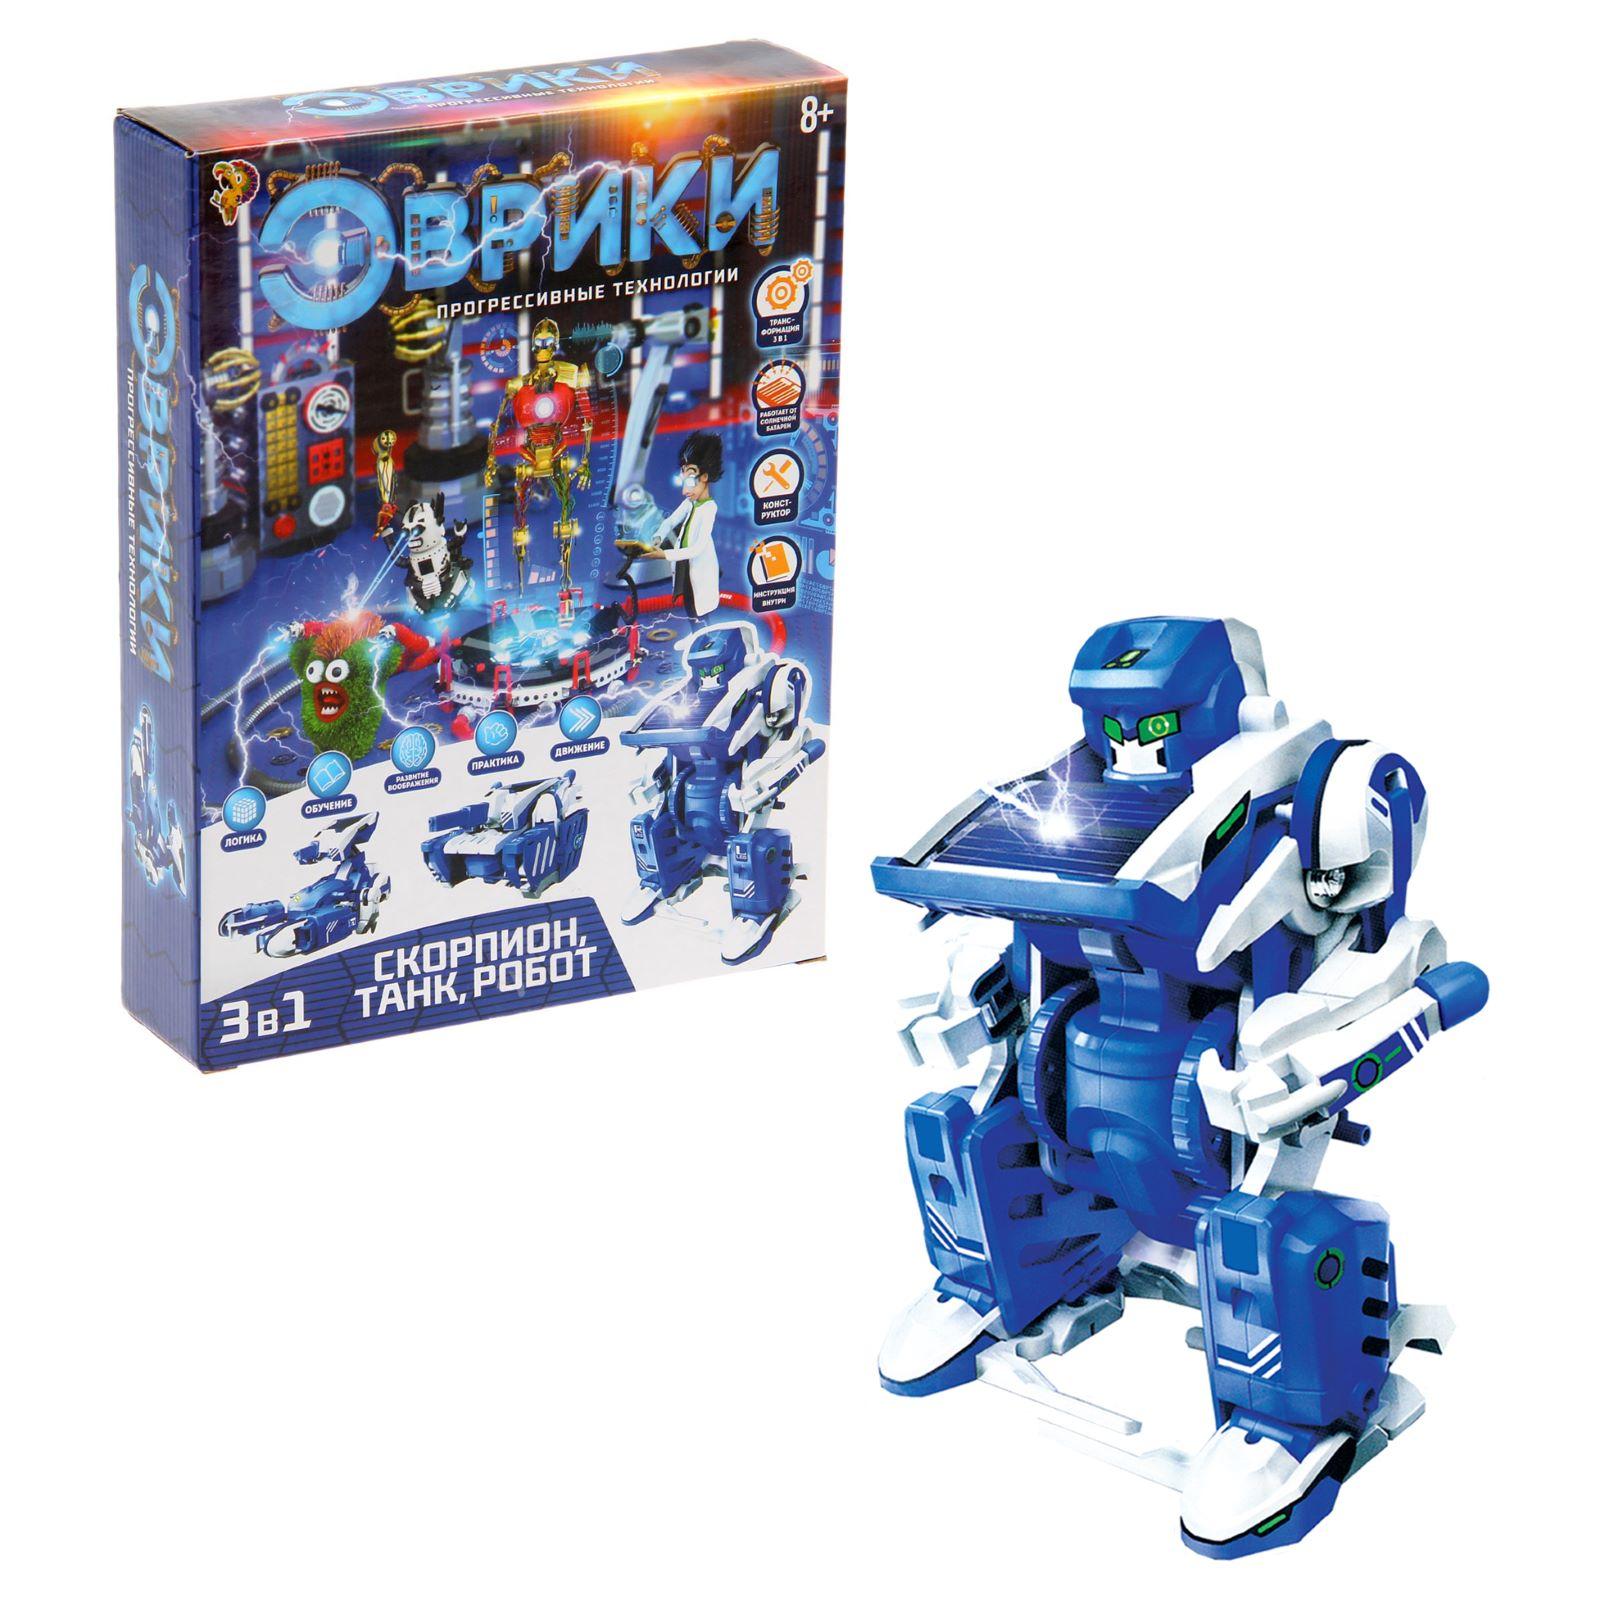 Робот 3 в 1